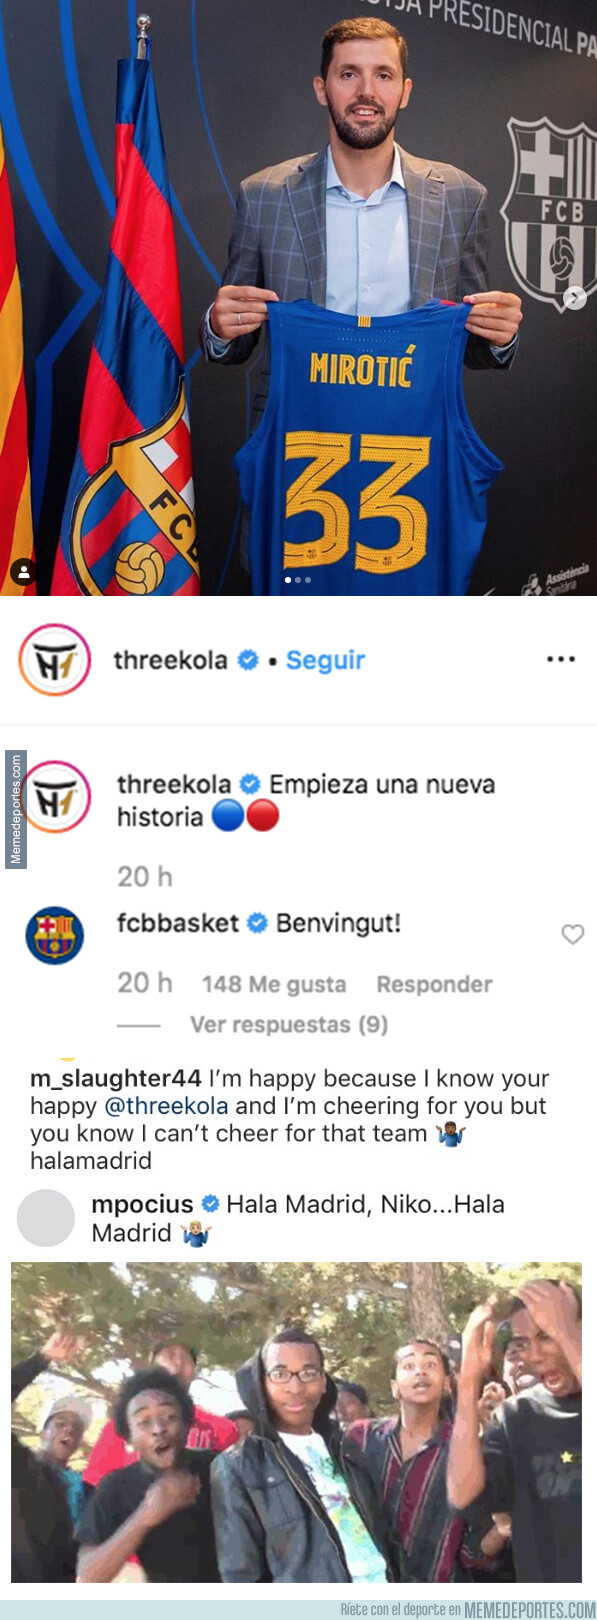 1080631 - Marcus Slaughter y Martynas Pocius le dan una lección de madridismo a Nikola Mirotic tras publicar una foto con la camiseta del Barça